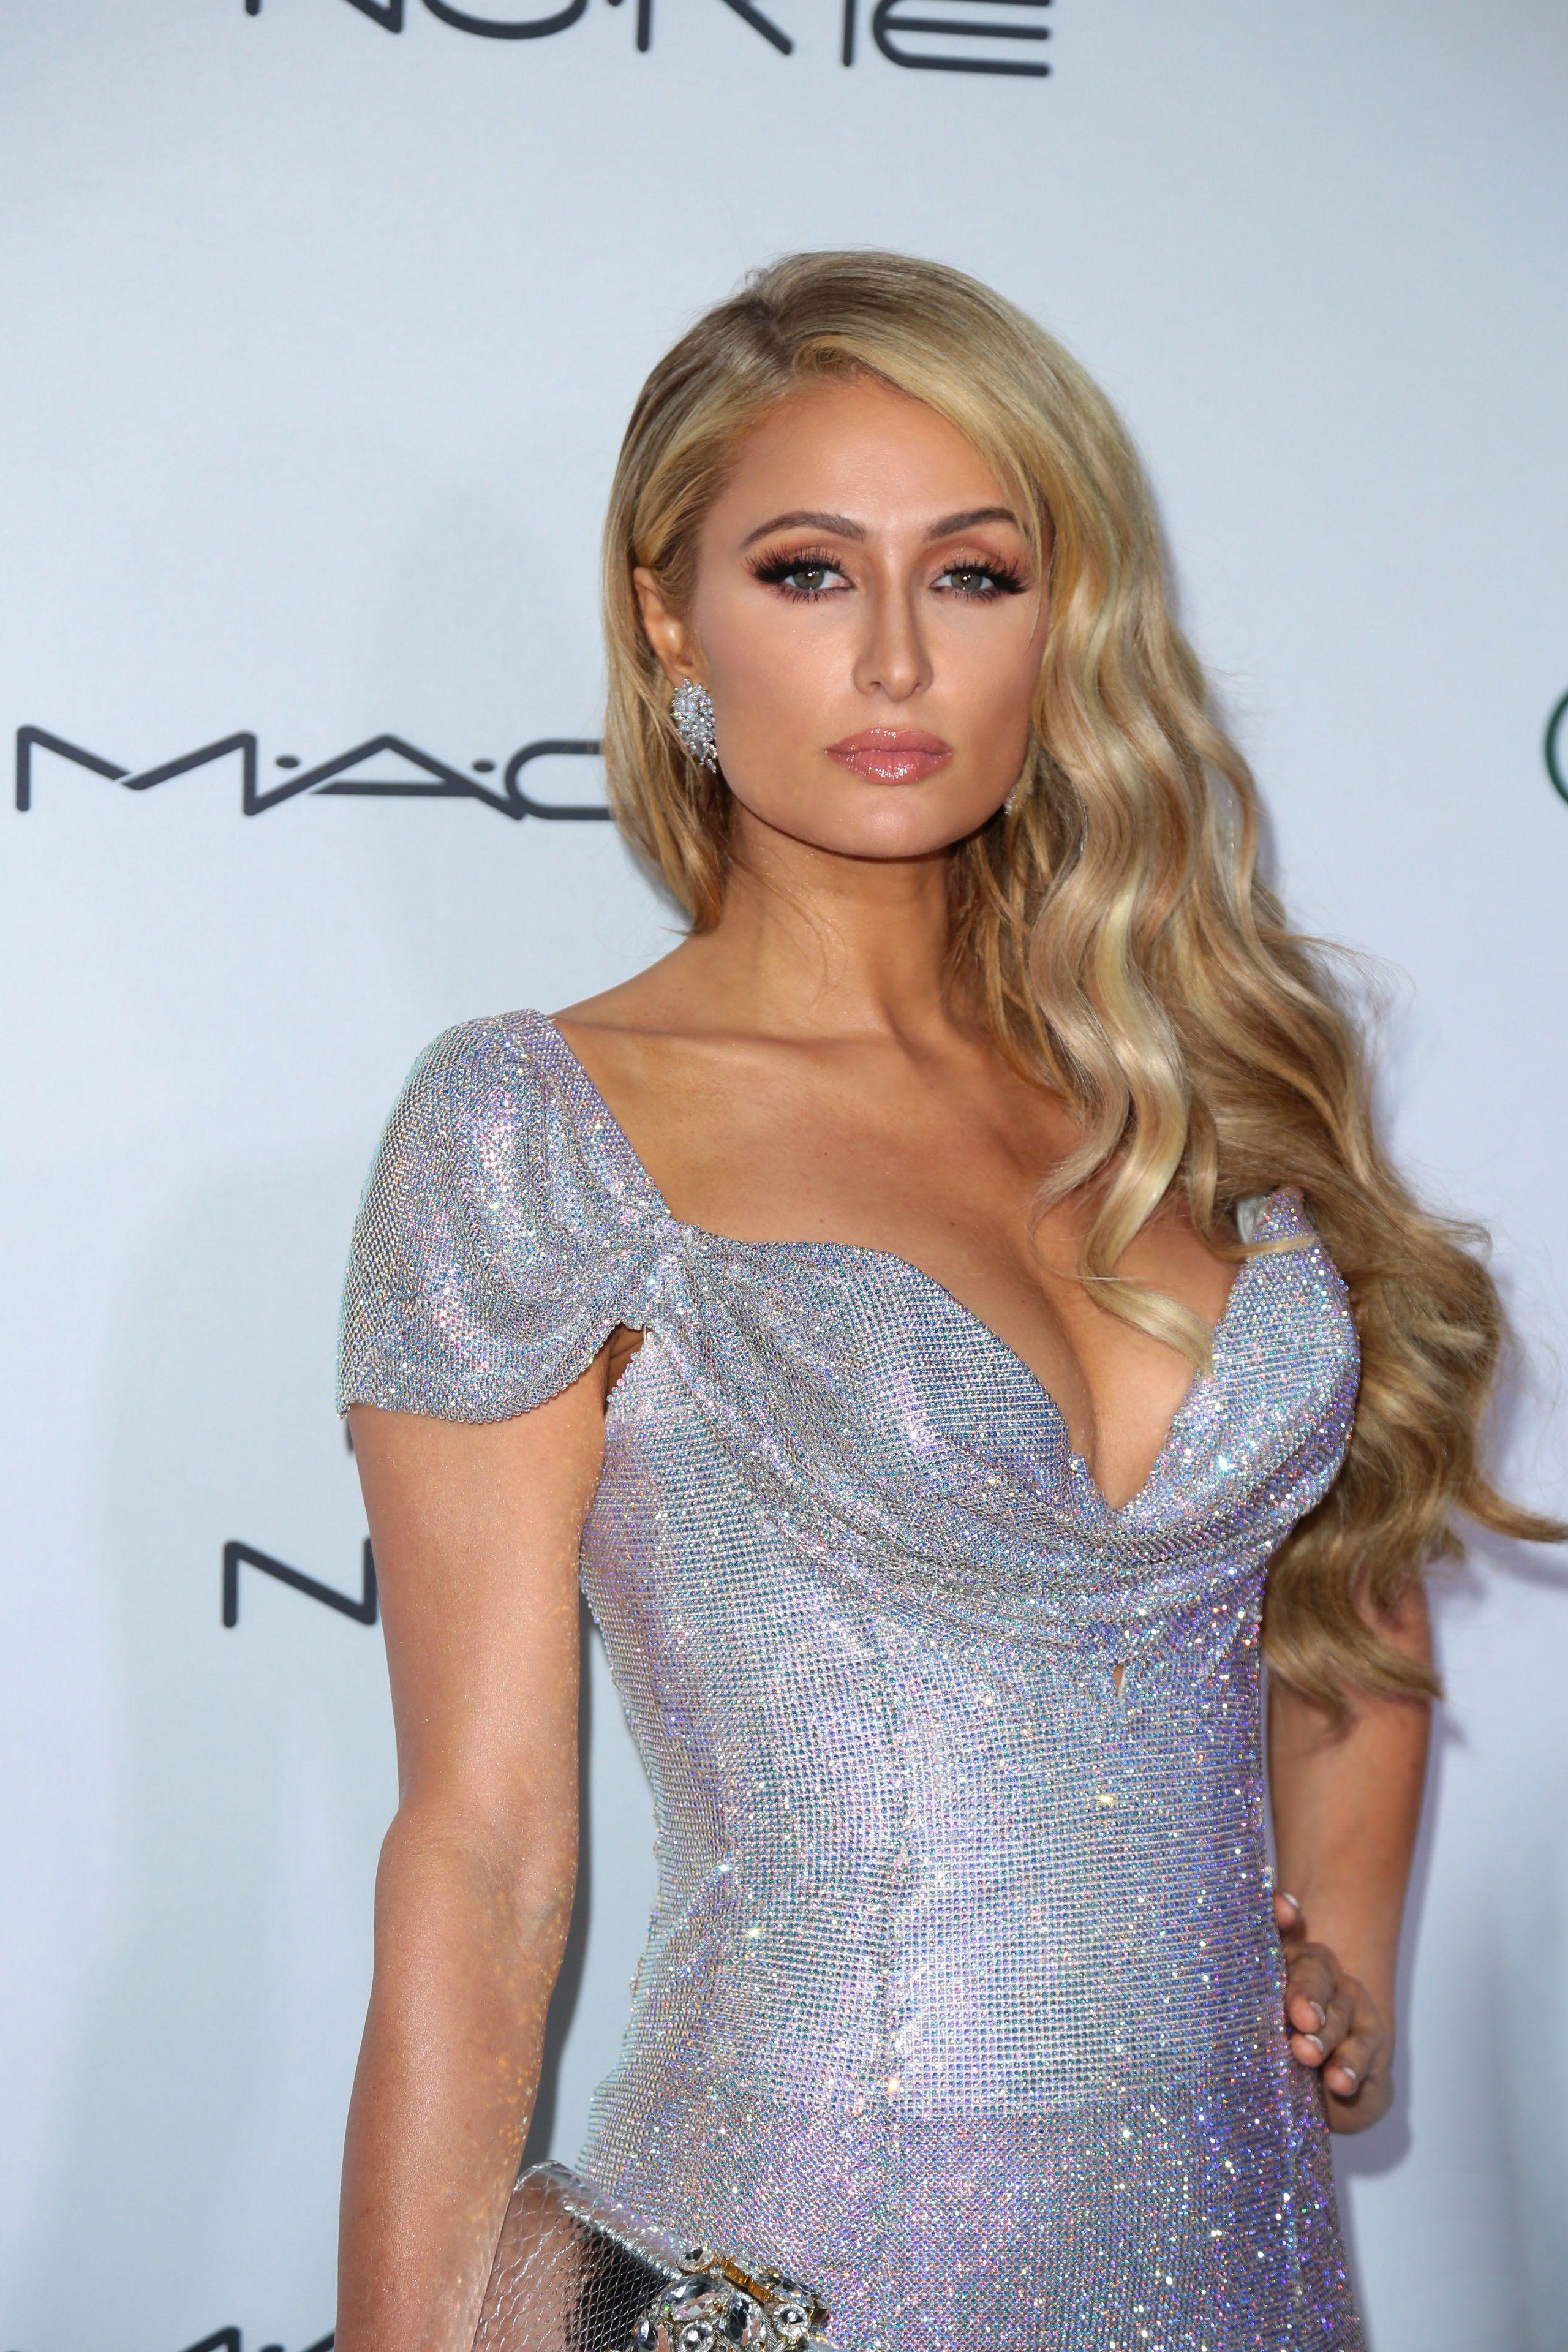 Paris Hilton pussy showing